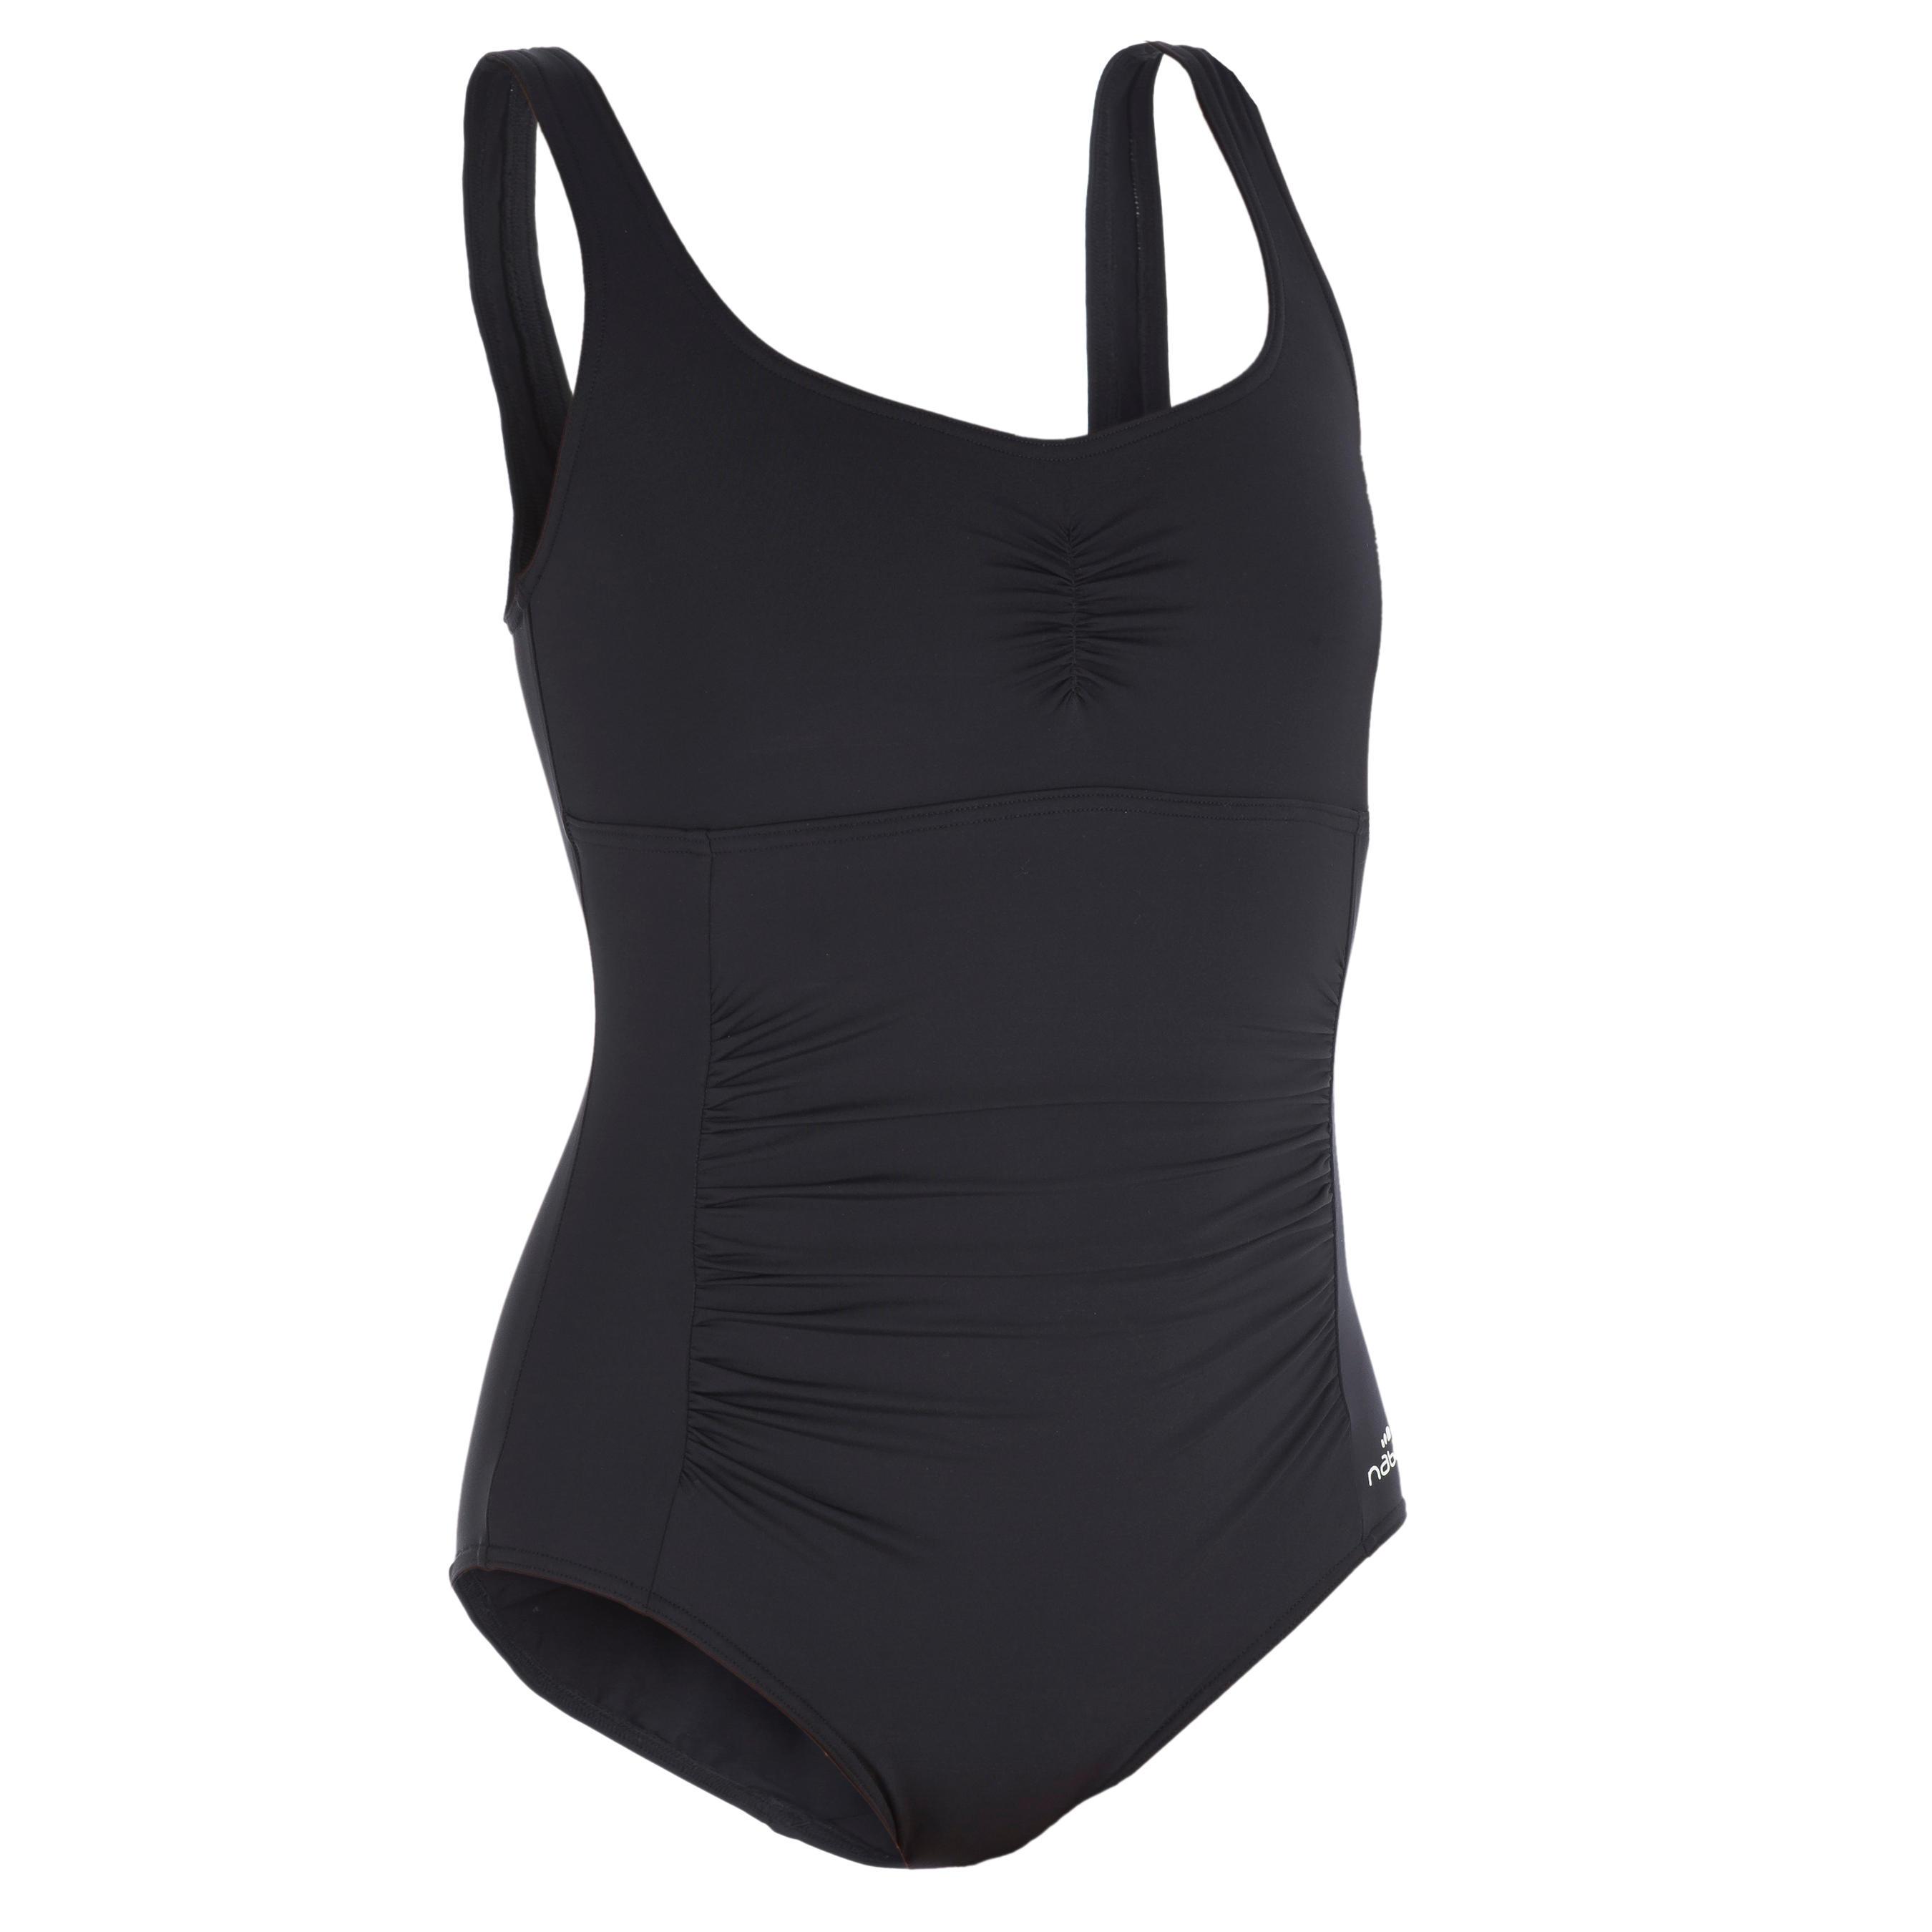 Maillot de bain femme une pièce gainant de gymnastique aquatique Mary Noir